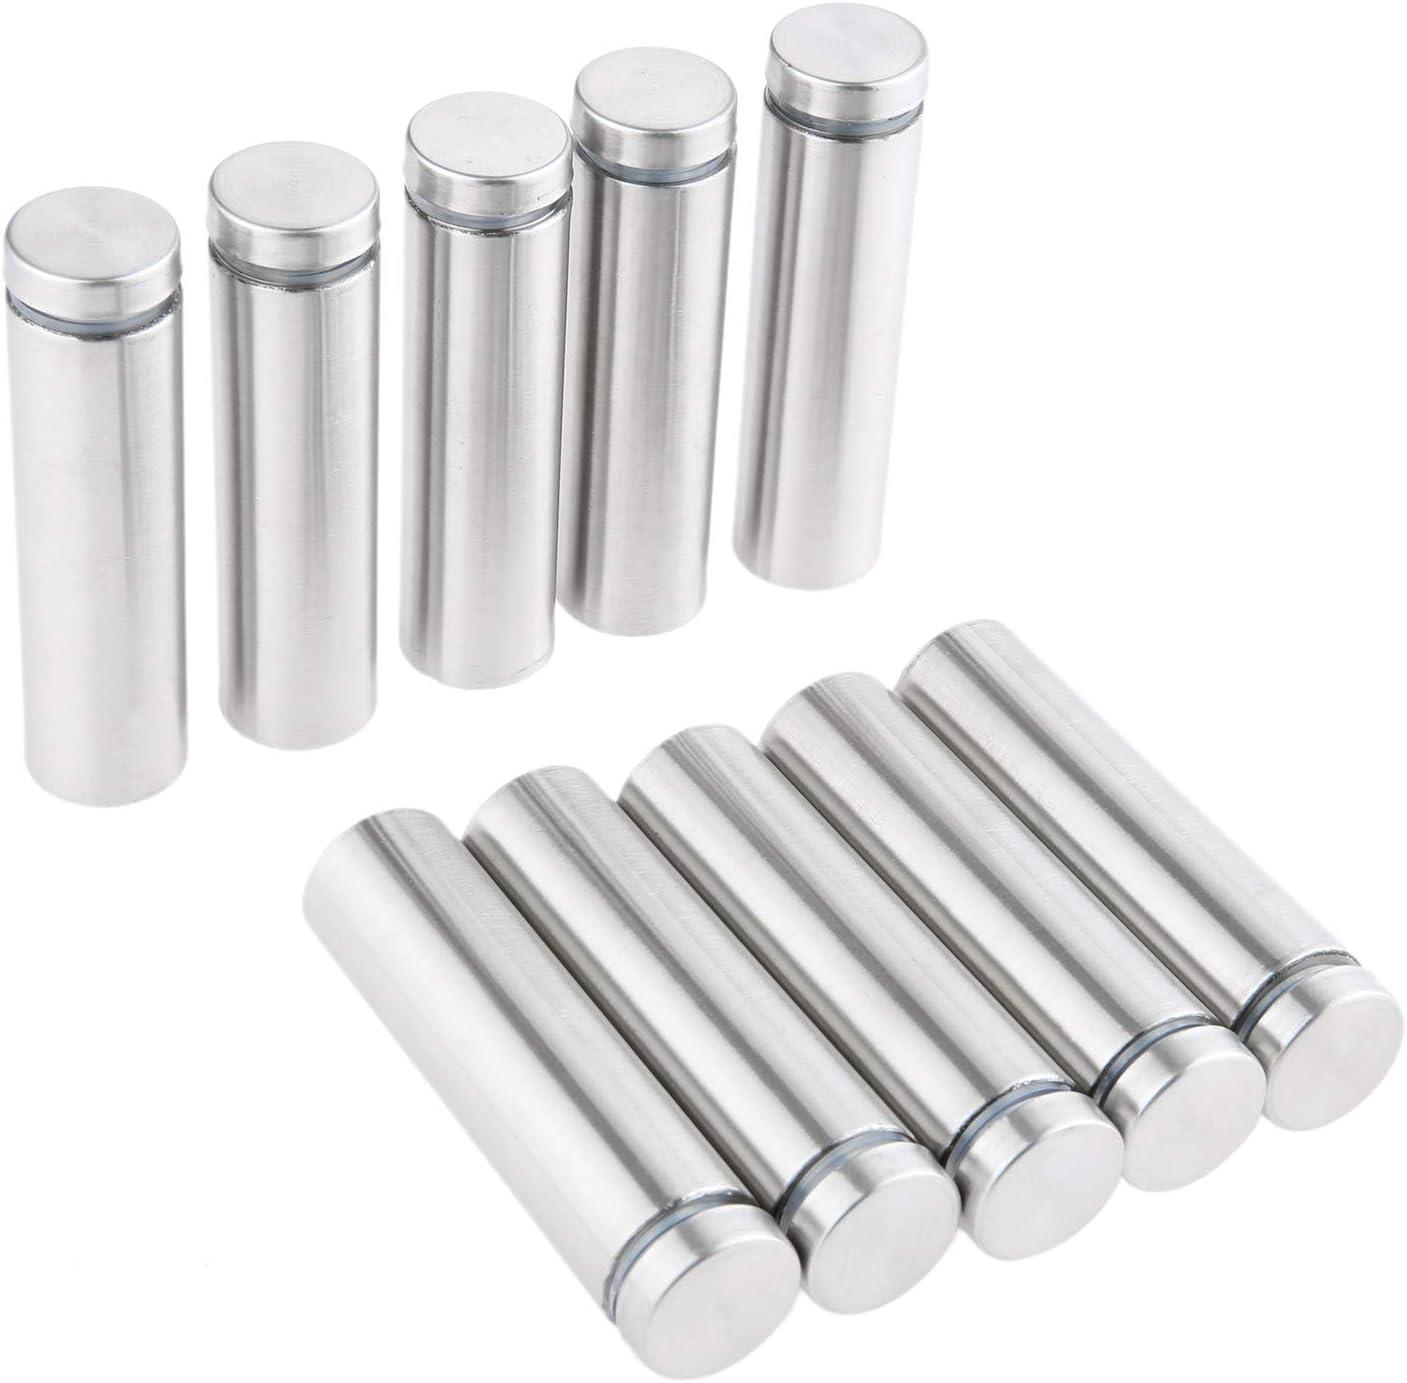 10pcs Edelstahl 19x100mm Glasabstandshalter Schraubenn/ägel Werbung Schraube Standoff Pins